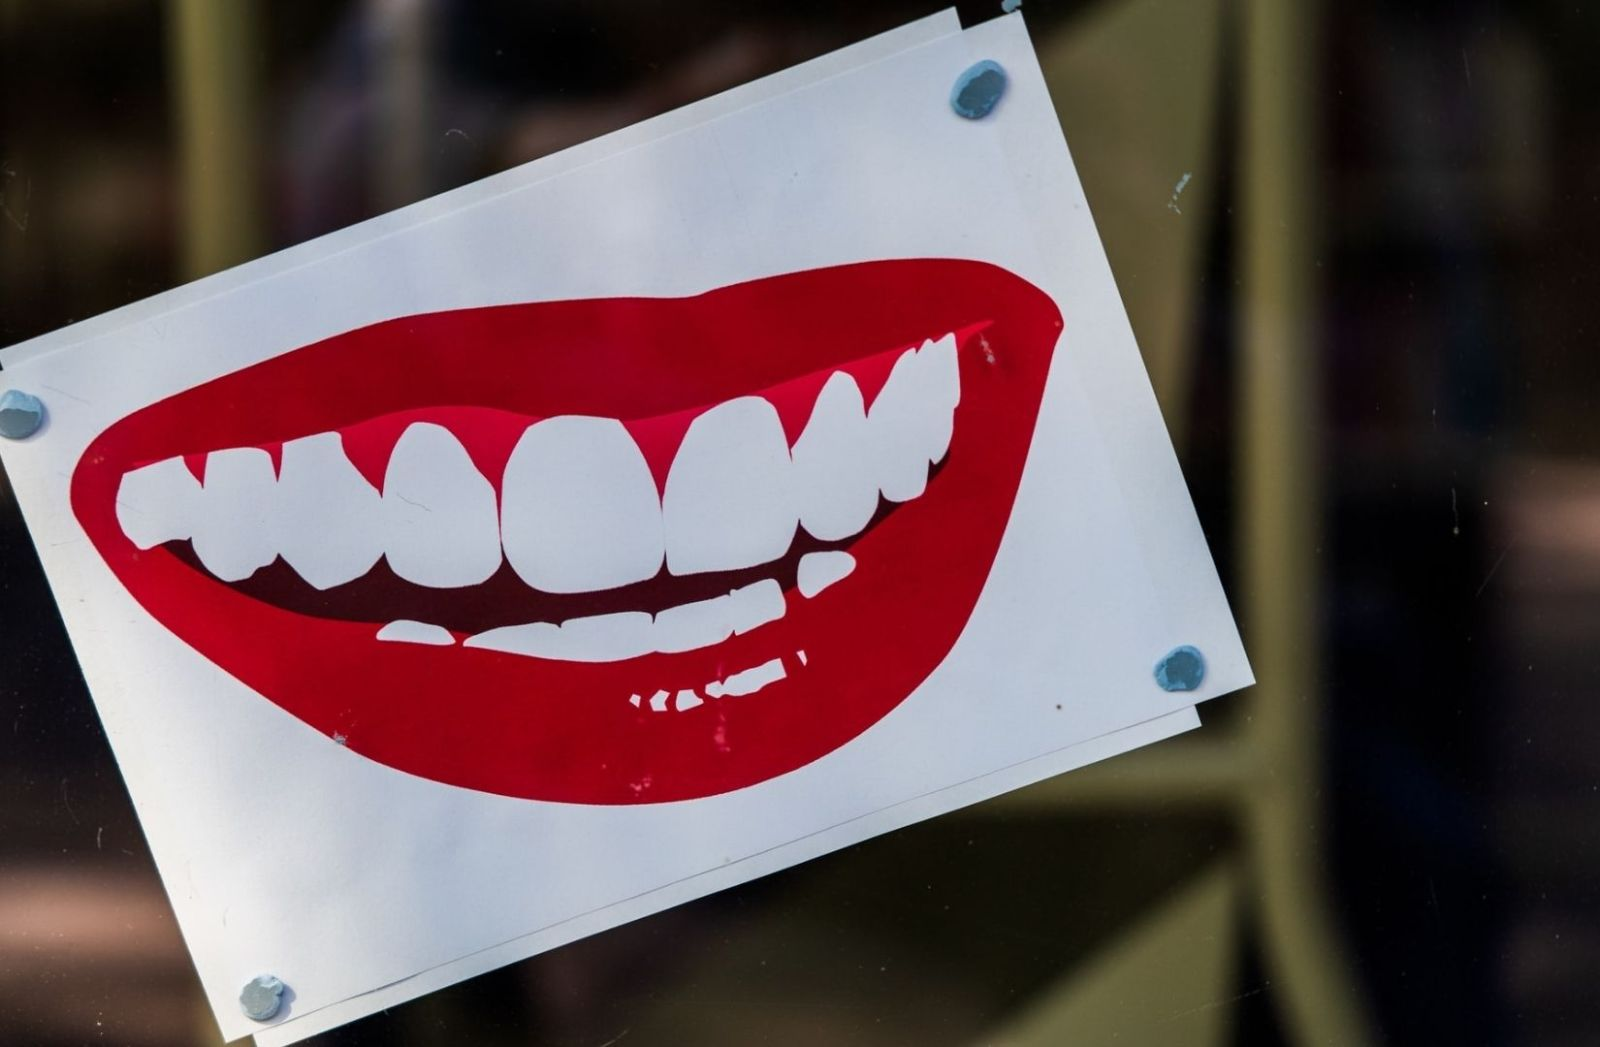 Lächeln und Zähne zeigen. (Foto: Nick Fewings, Unsplash.com)